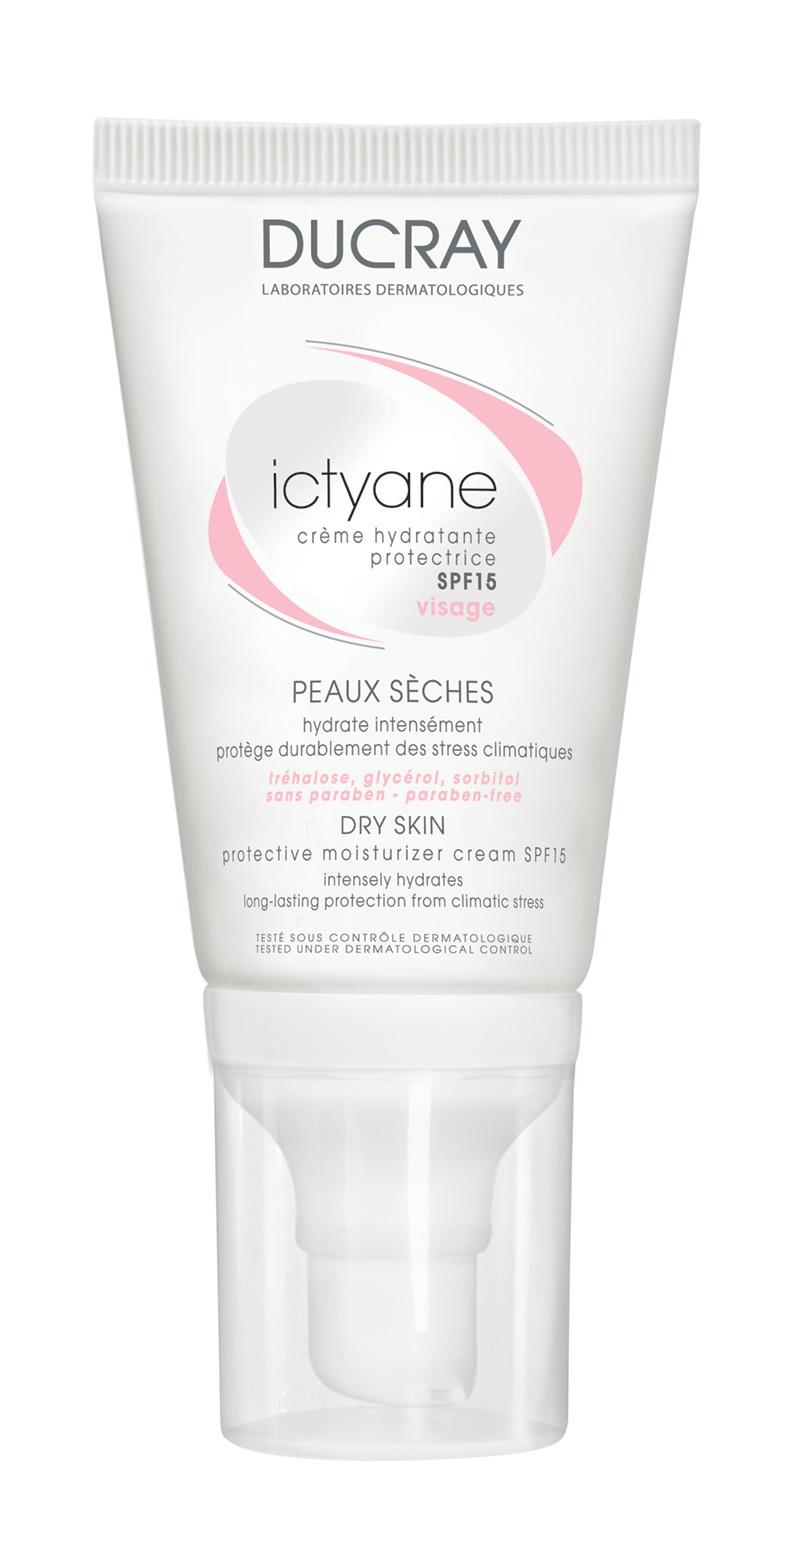 la nueva ICTYANE Crema Hidratante protectora SPF 15 para pieles secas, que hidrata intensamente y protege la piel del rostro de las agresiones climáticas de forma duradera.